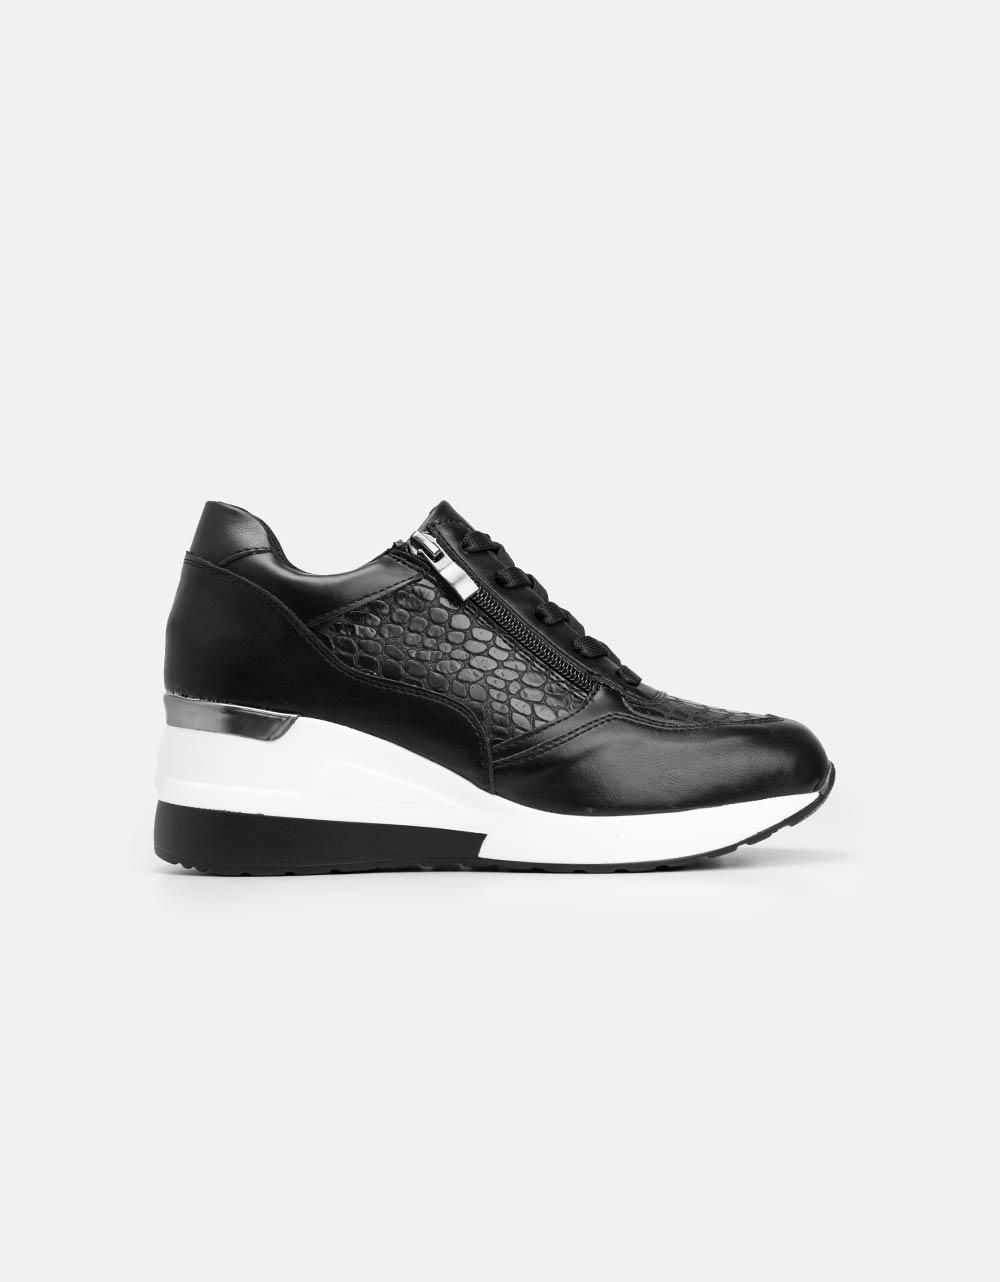 Εικόνα από Γυναικεία sneakers με φερμουάρ και κορδόνια Μαύρο